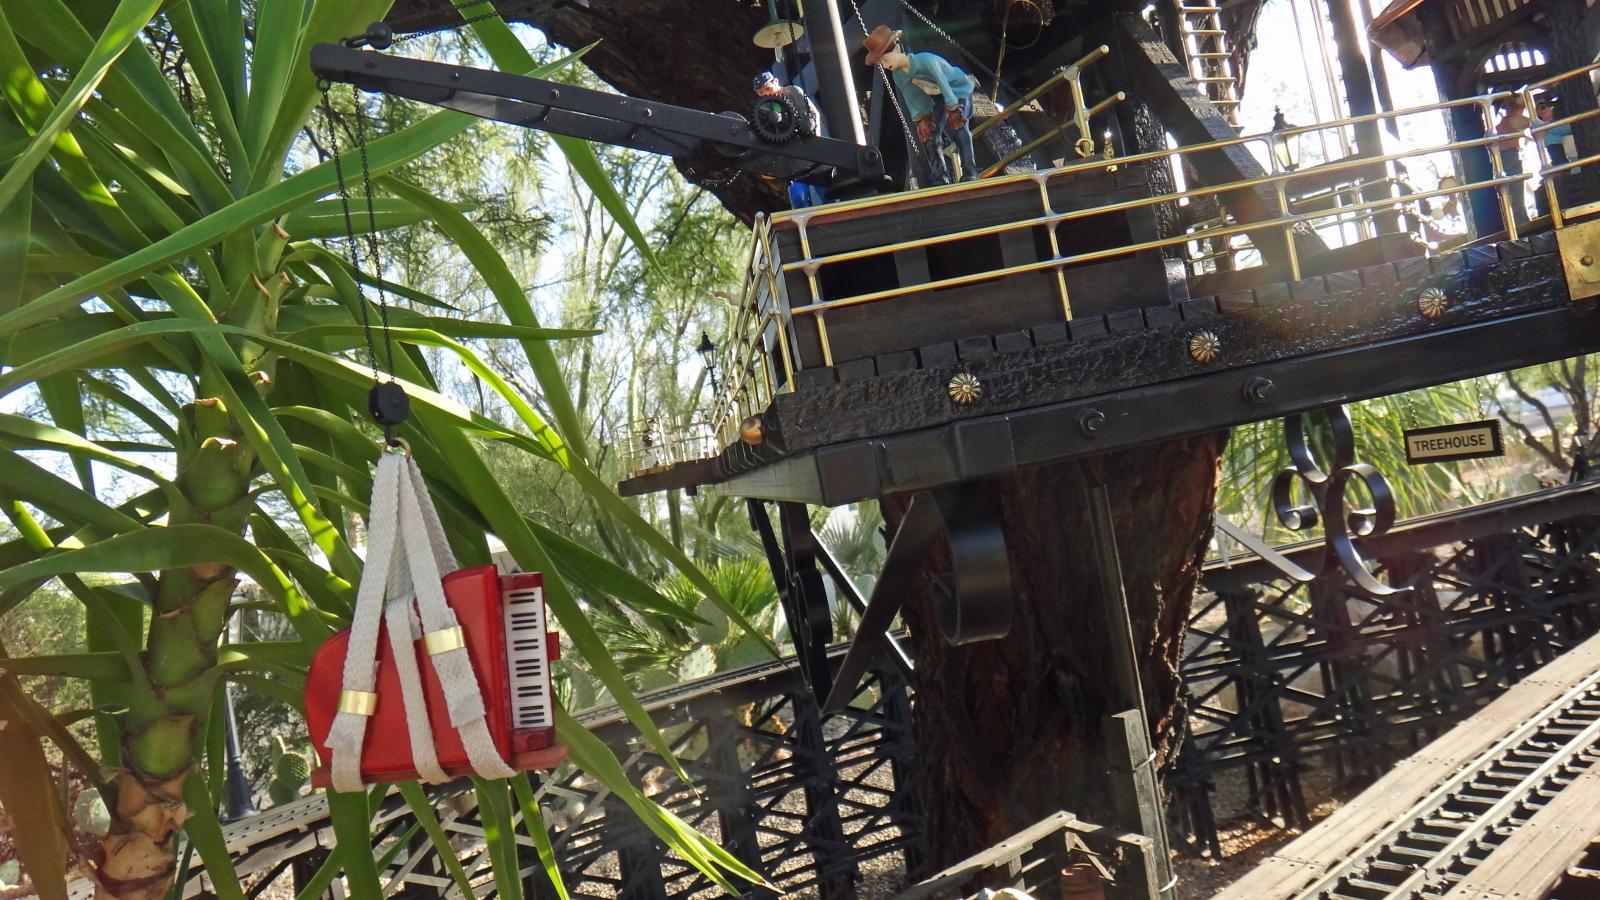 Garden Railway Treehouse Remodeled-40.JPG